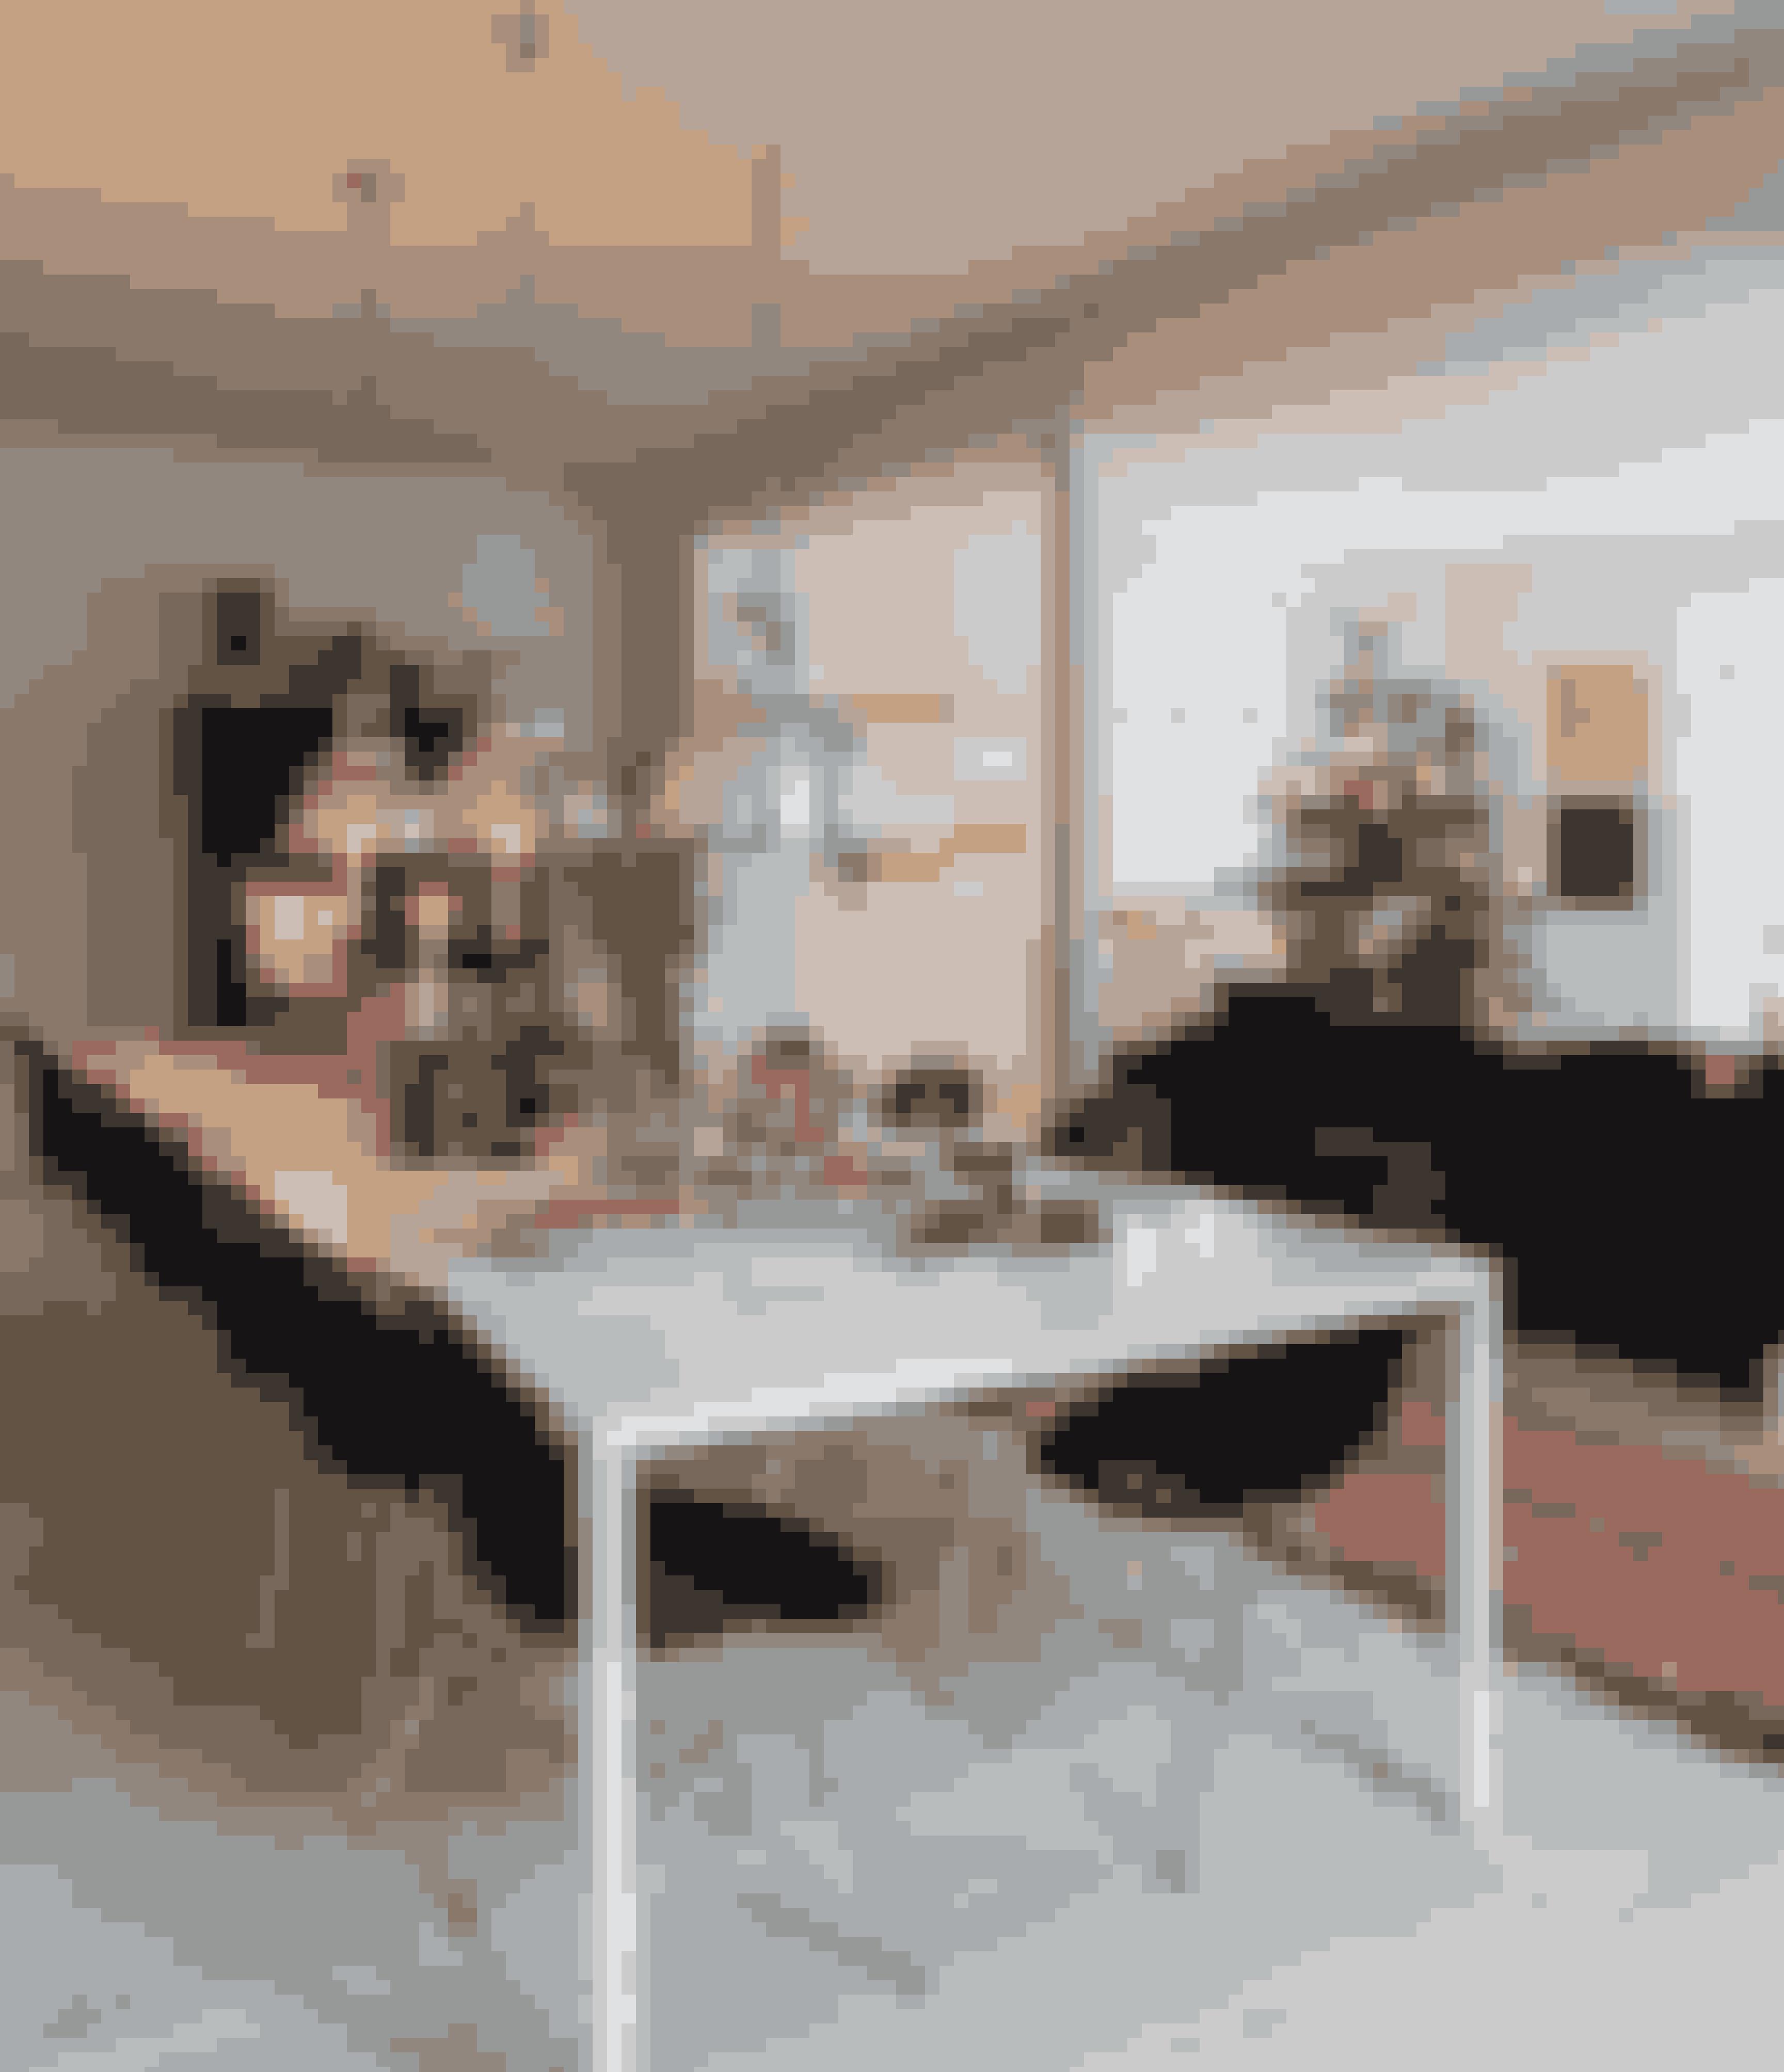 Dæk dit julebord med masser af stearinlys – hvis du gerne vil have julestemning på ingen tid. Stil gerne forskellige stager på bordet sammen med buketter og grønne planter. Eames-spisebordsstole fra Paustian, gulvtæppe fra Marrakesh og pendler fra BBC Lighting.